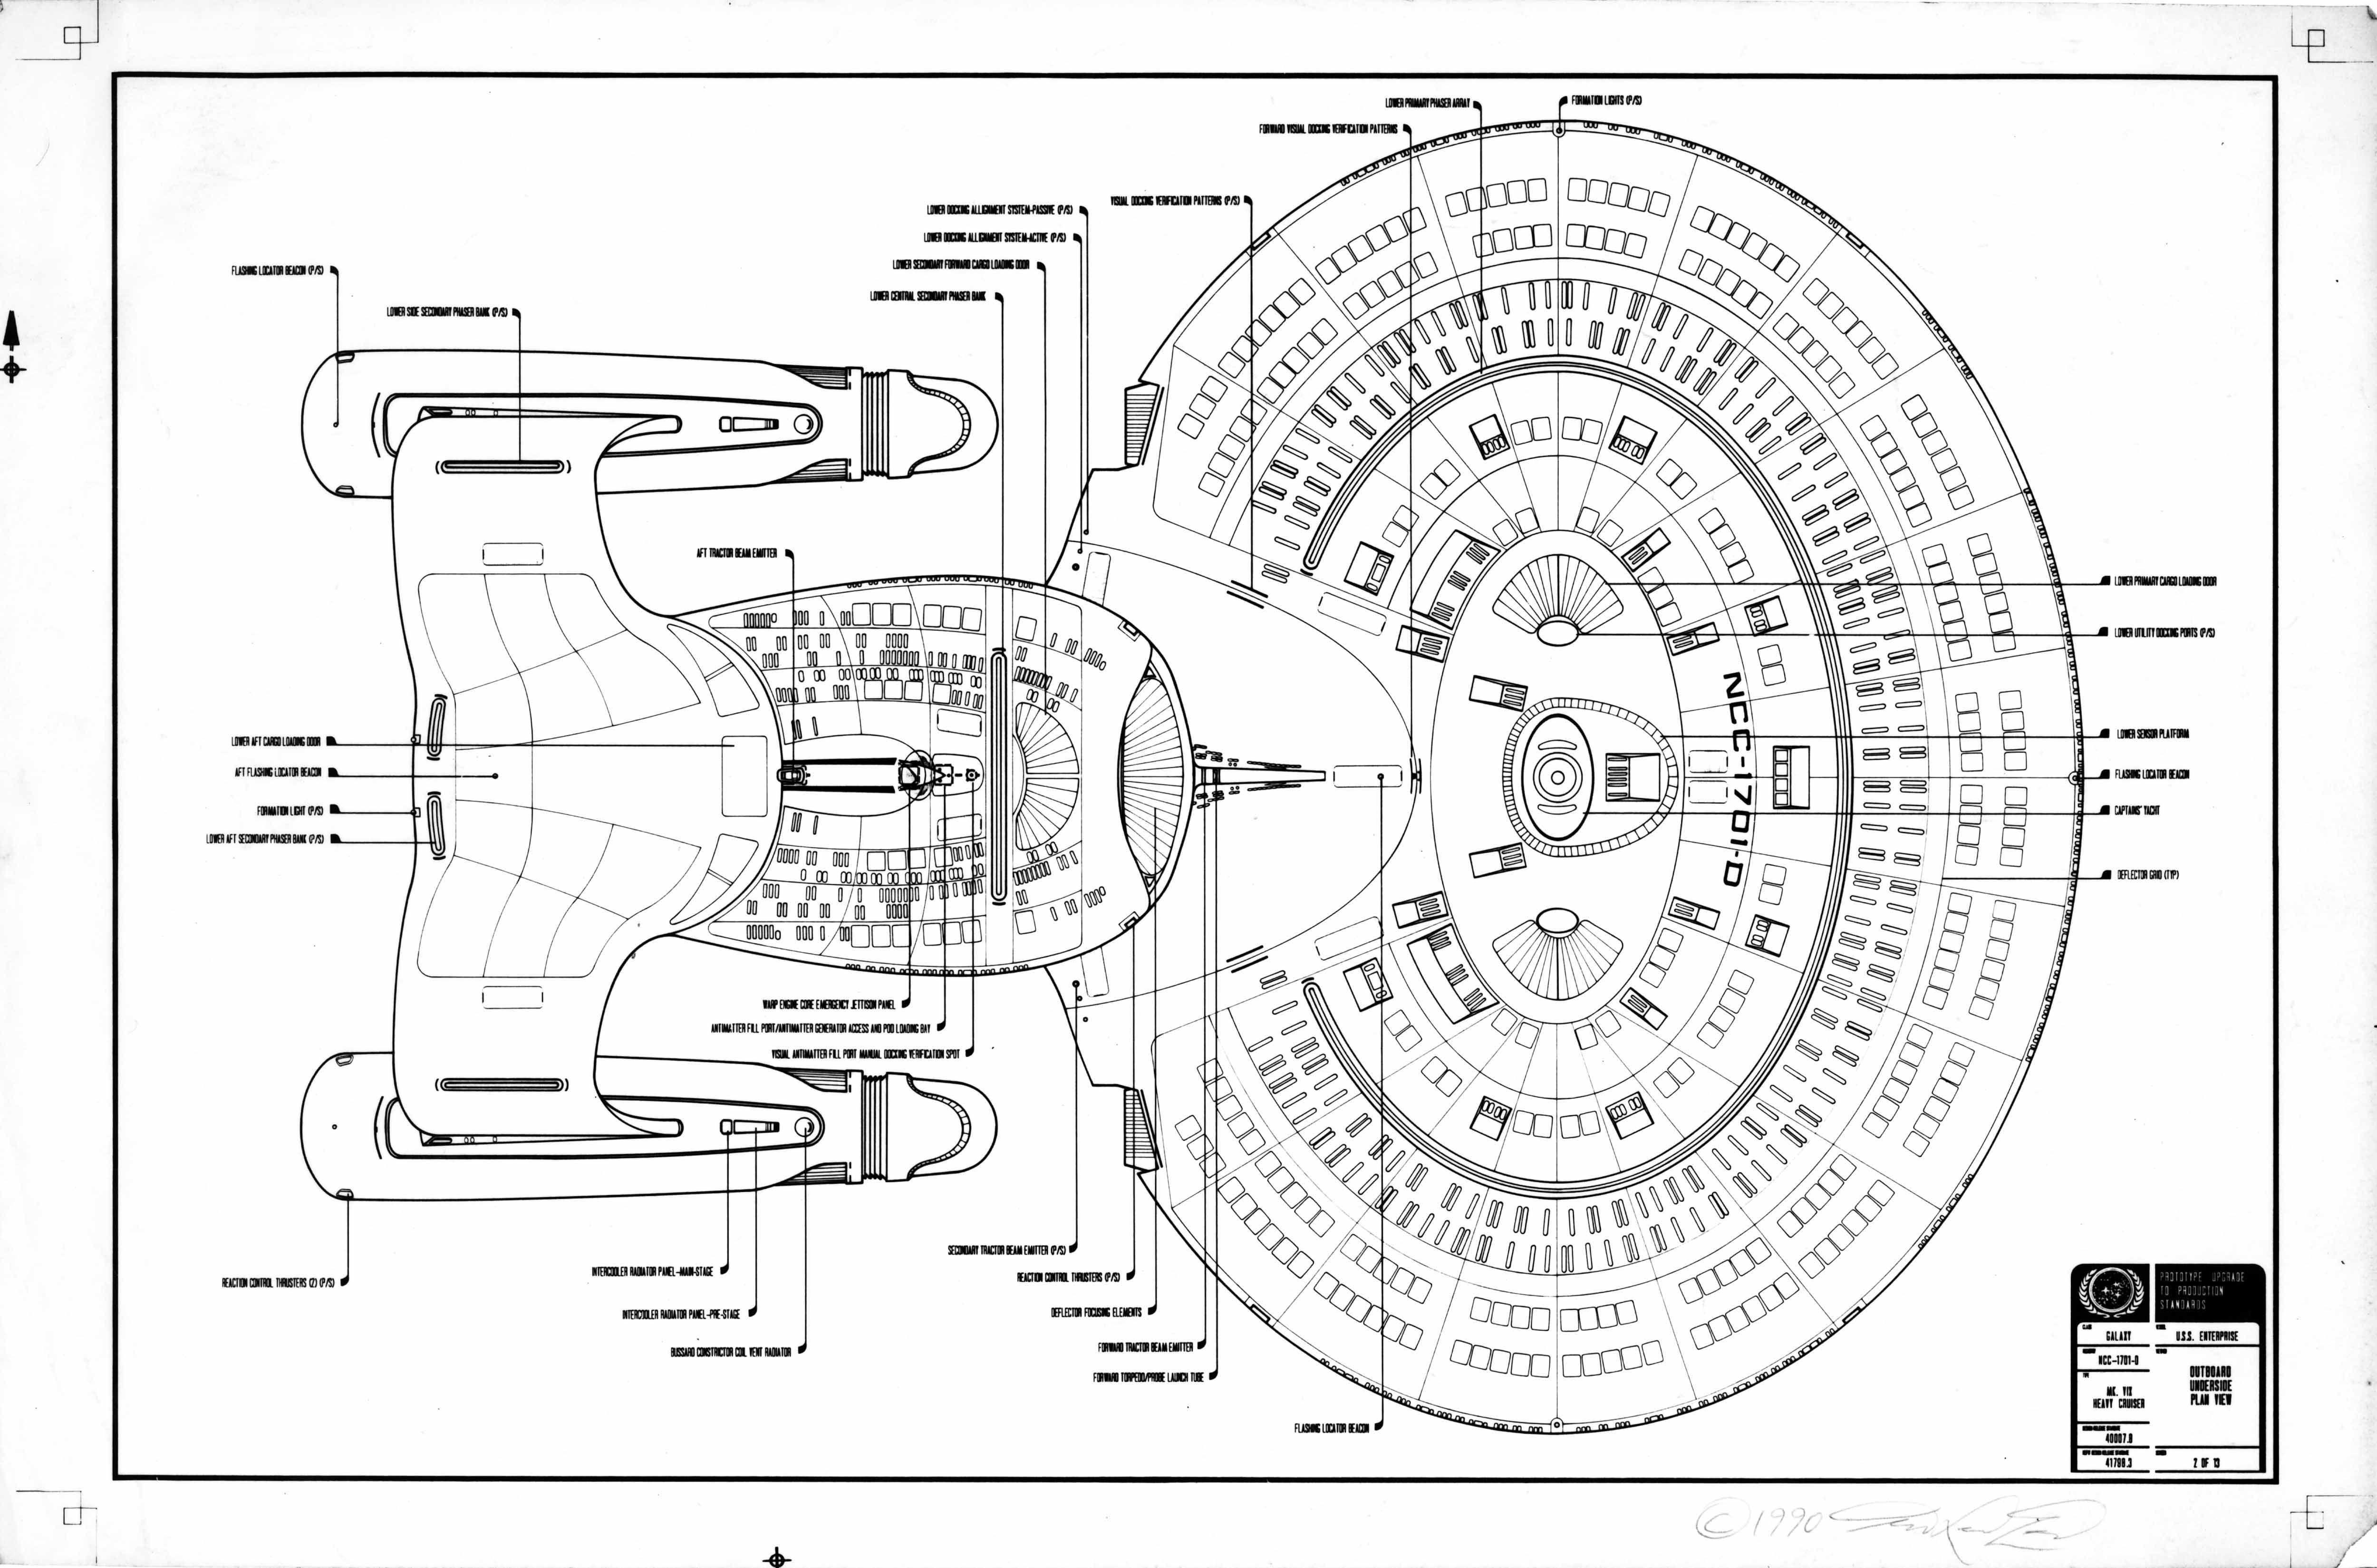 Uss enterprise ncc 1701 d galaxy class saucer separation r flickr - Schematic Ventral View Of U S S Enterprise Ncc 1701 D